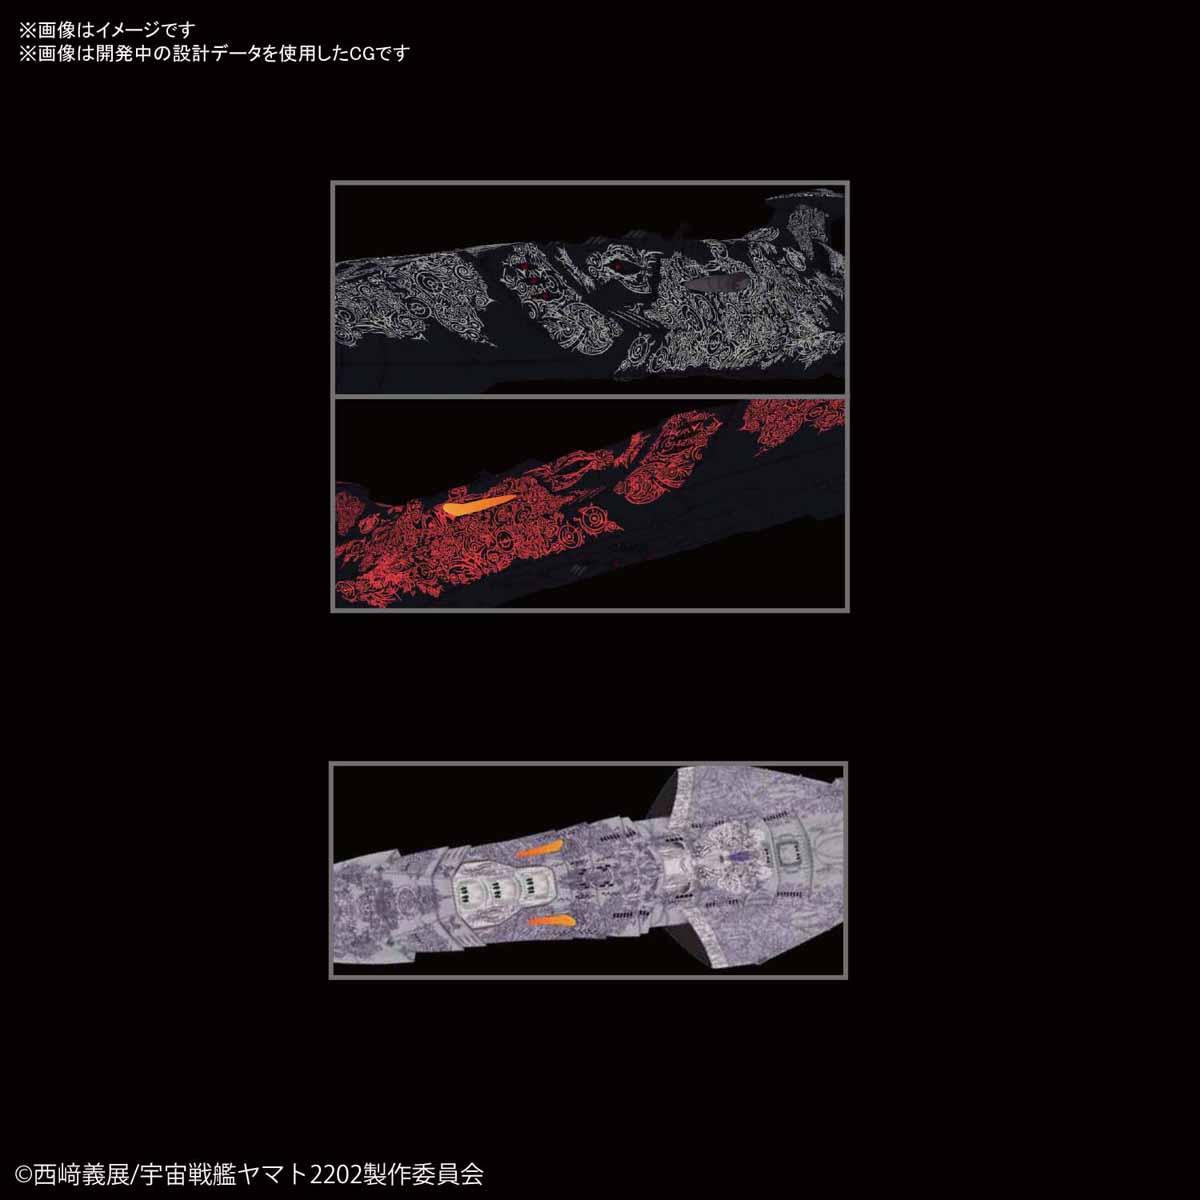 メカコレクション『ゼルグート級一等航宙戦闘艦セット』宇宙戦艦ヤマト2202 プラモデル-002